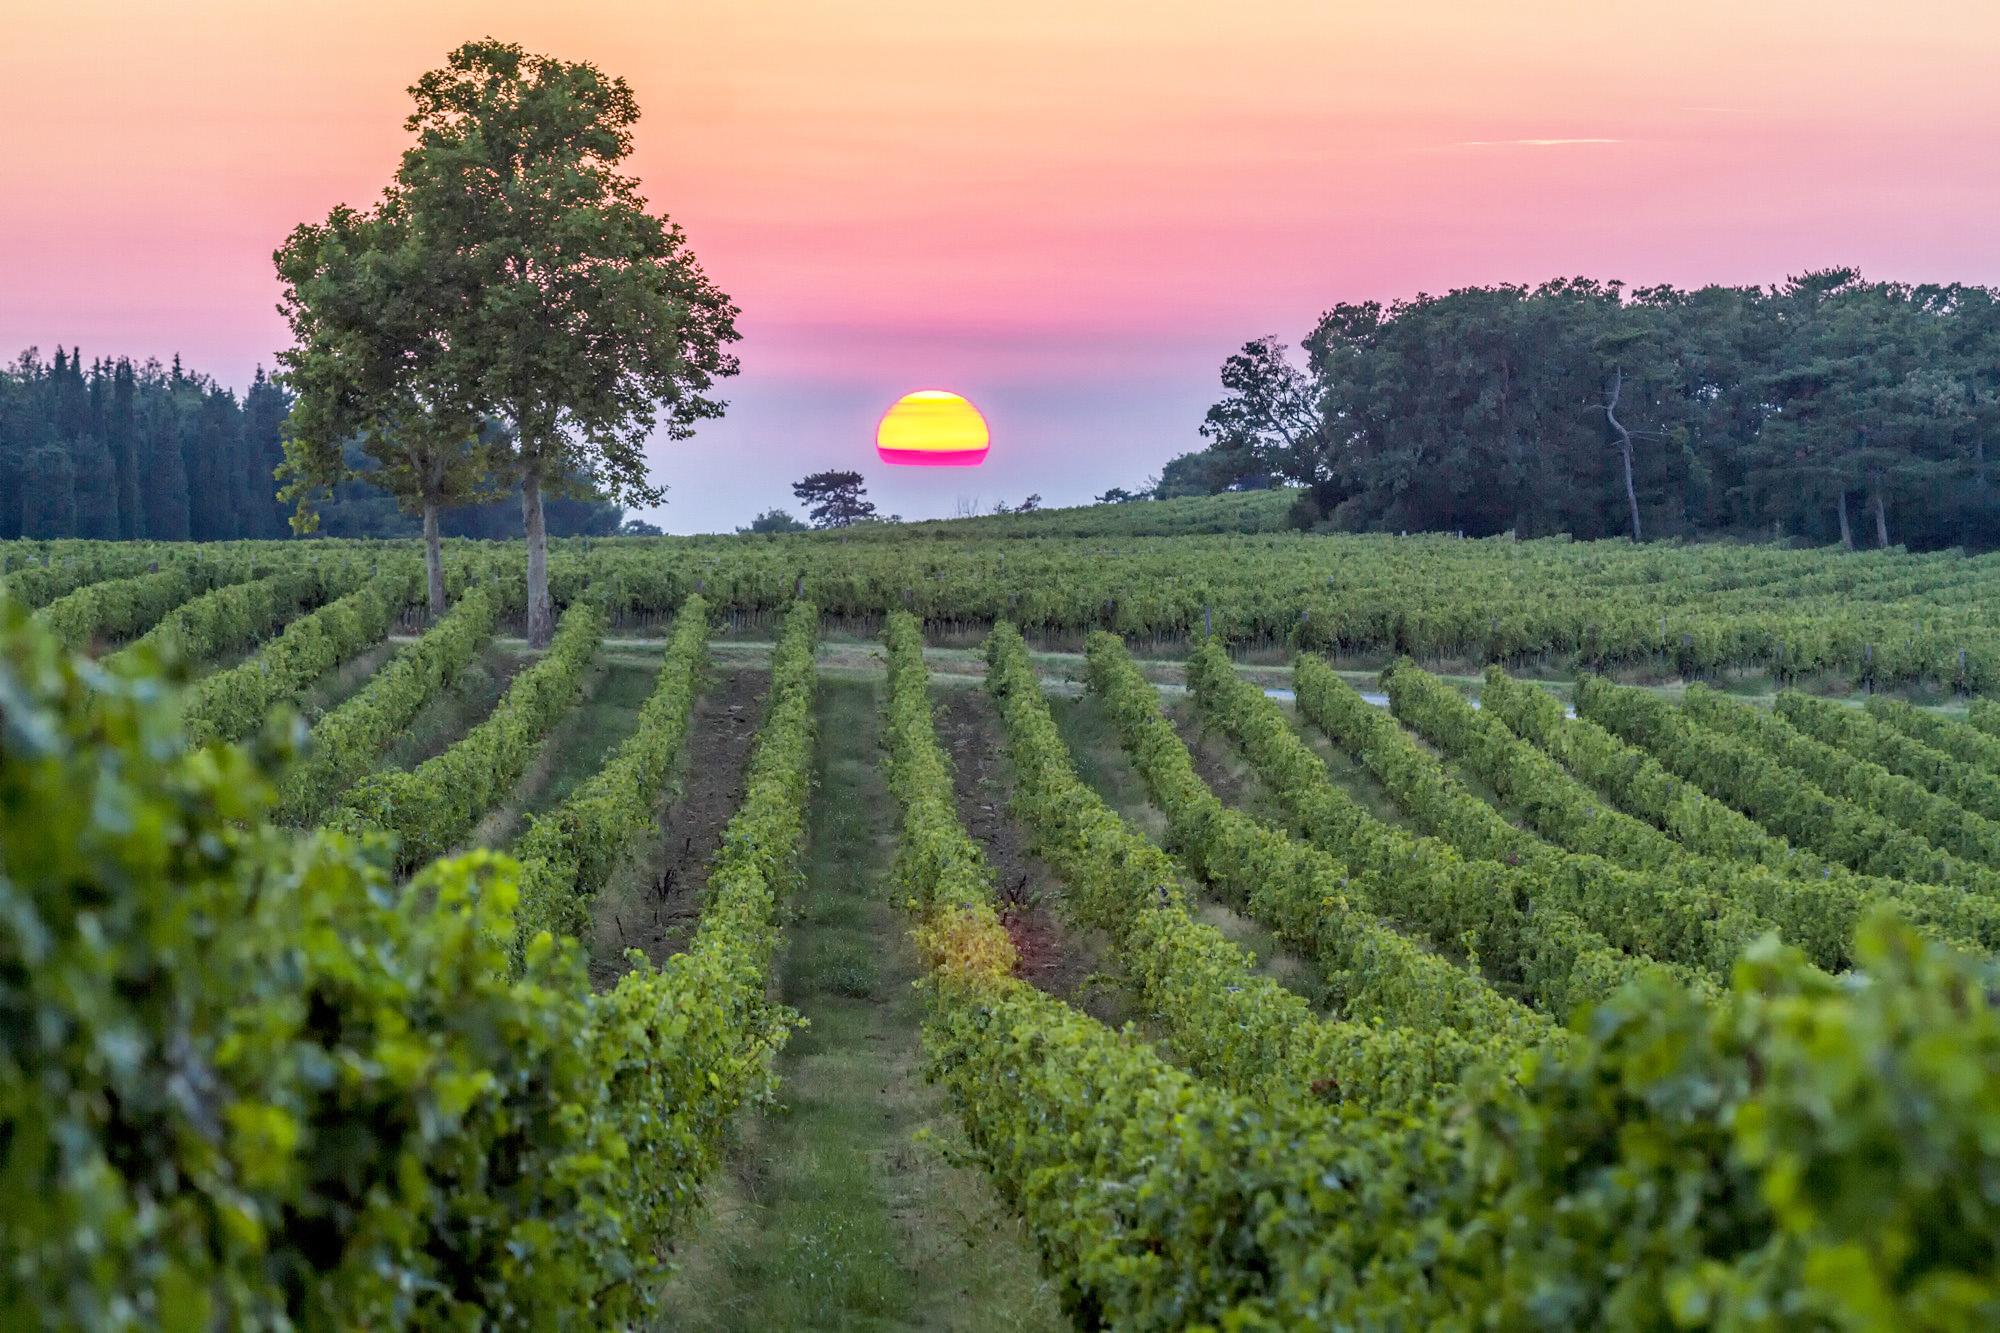 vineyard-vinakoper-sunset.jpg